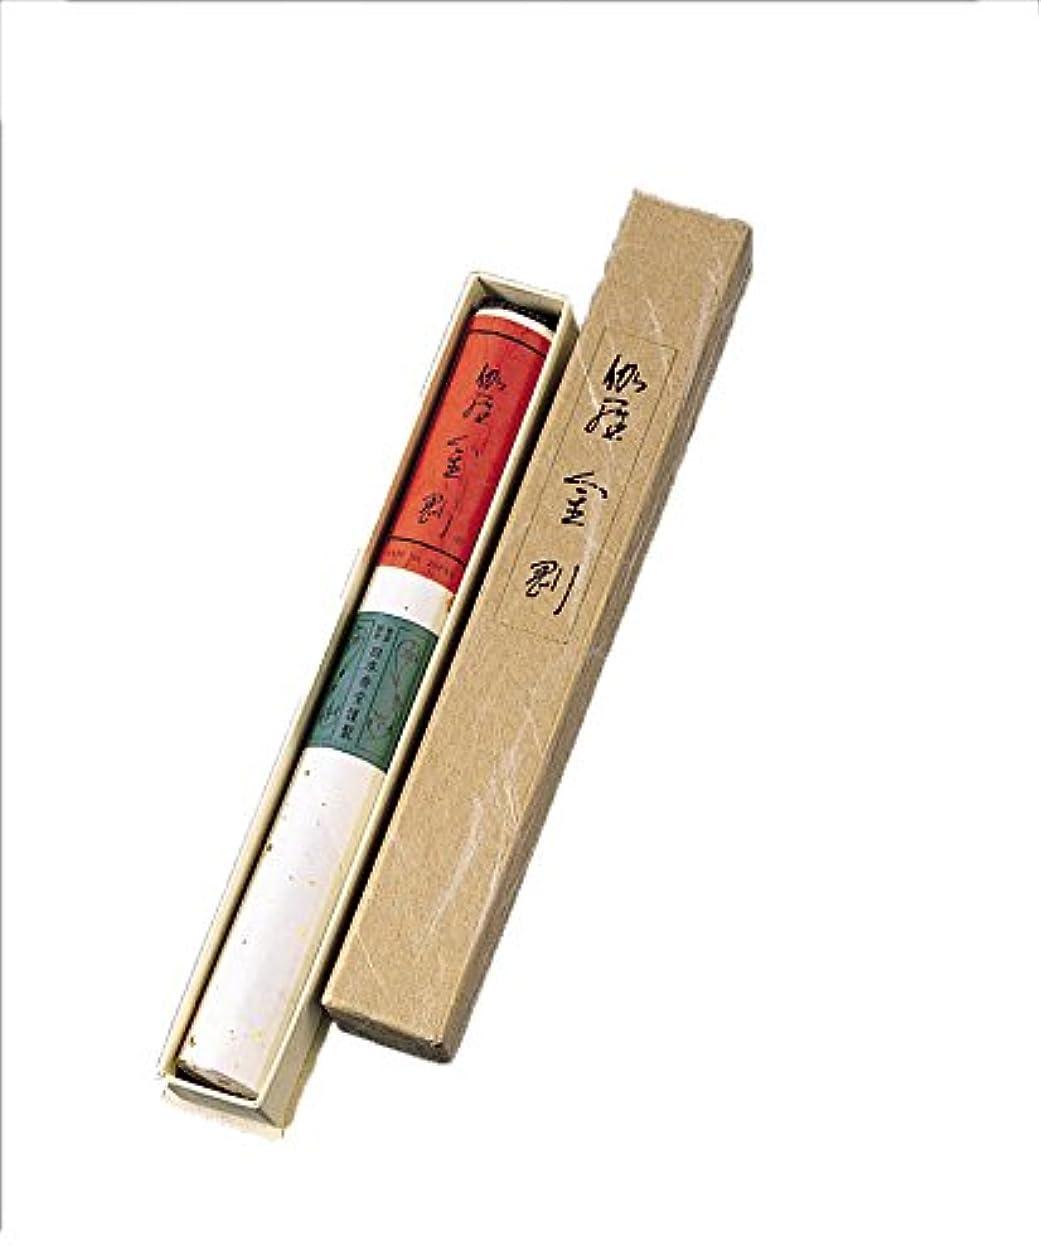 売るパノラマ鼻Nippon Kodo – Kyara Kongo – 選択したAloeswood Long Stick Incense 100 Sticks